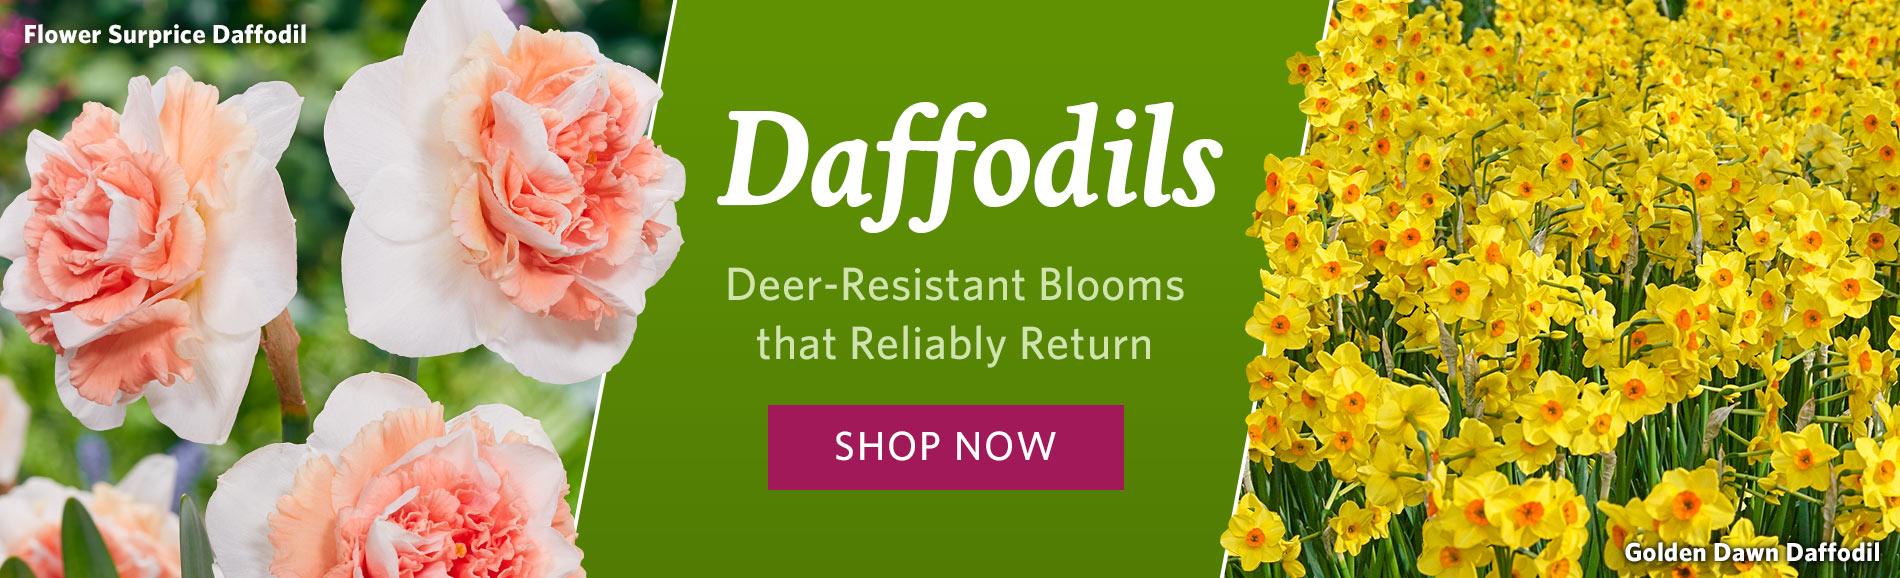 Brecks Daffodils